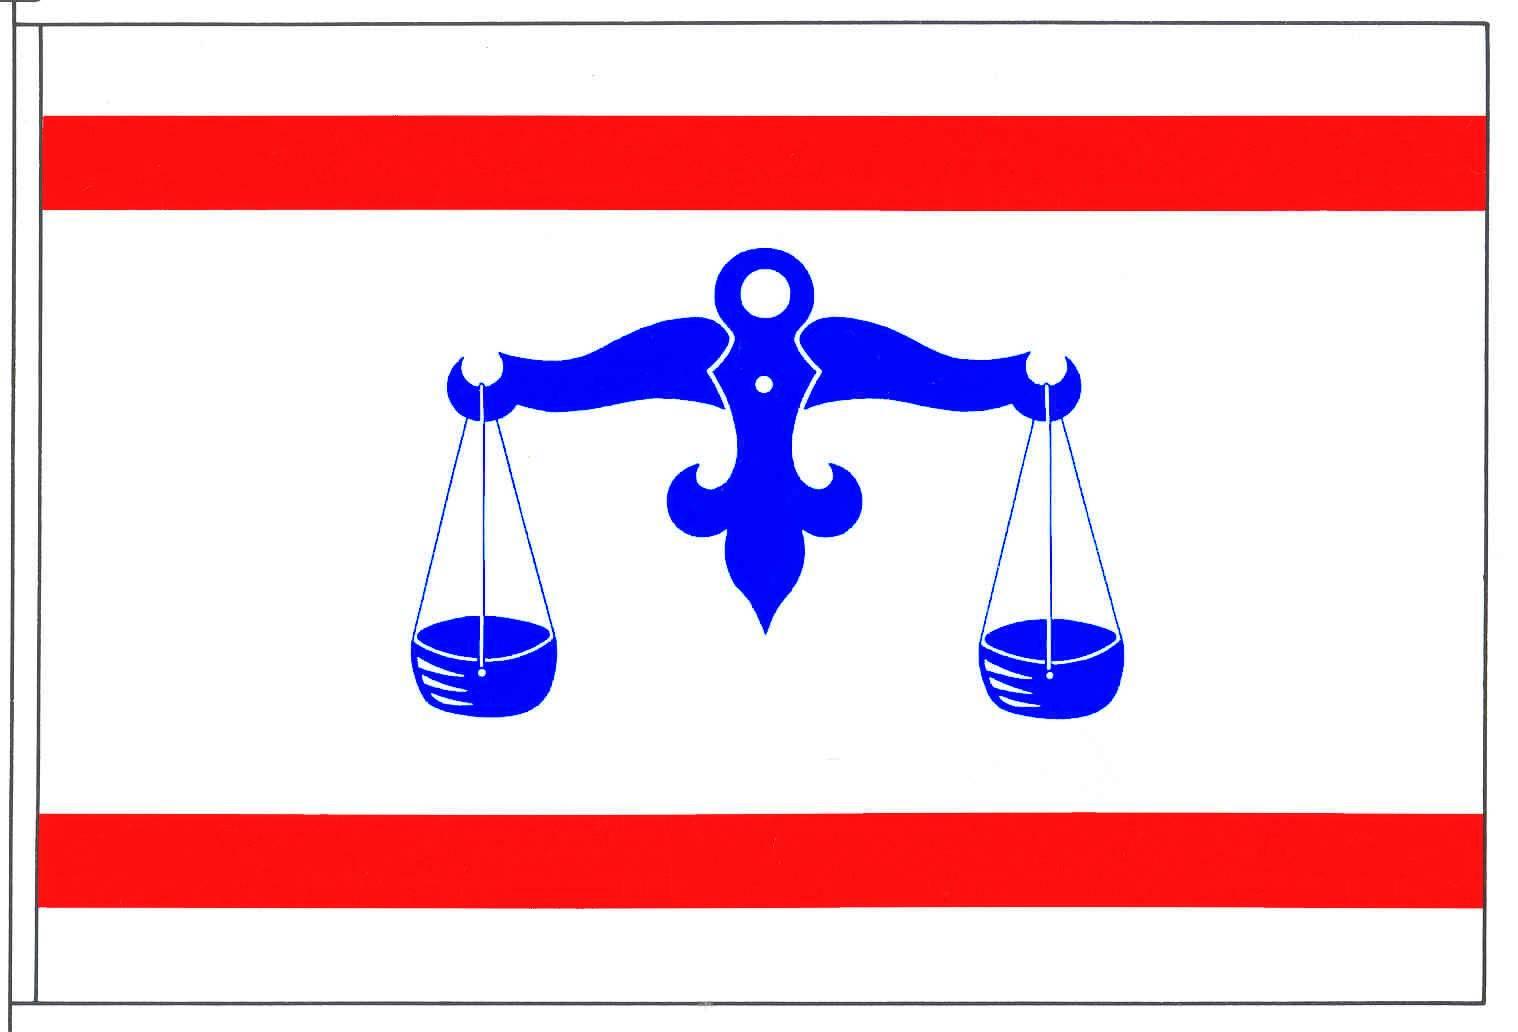 Flagge GemeindeWeddingstedt, Kreis Dithmarschen